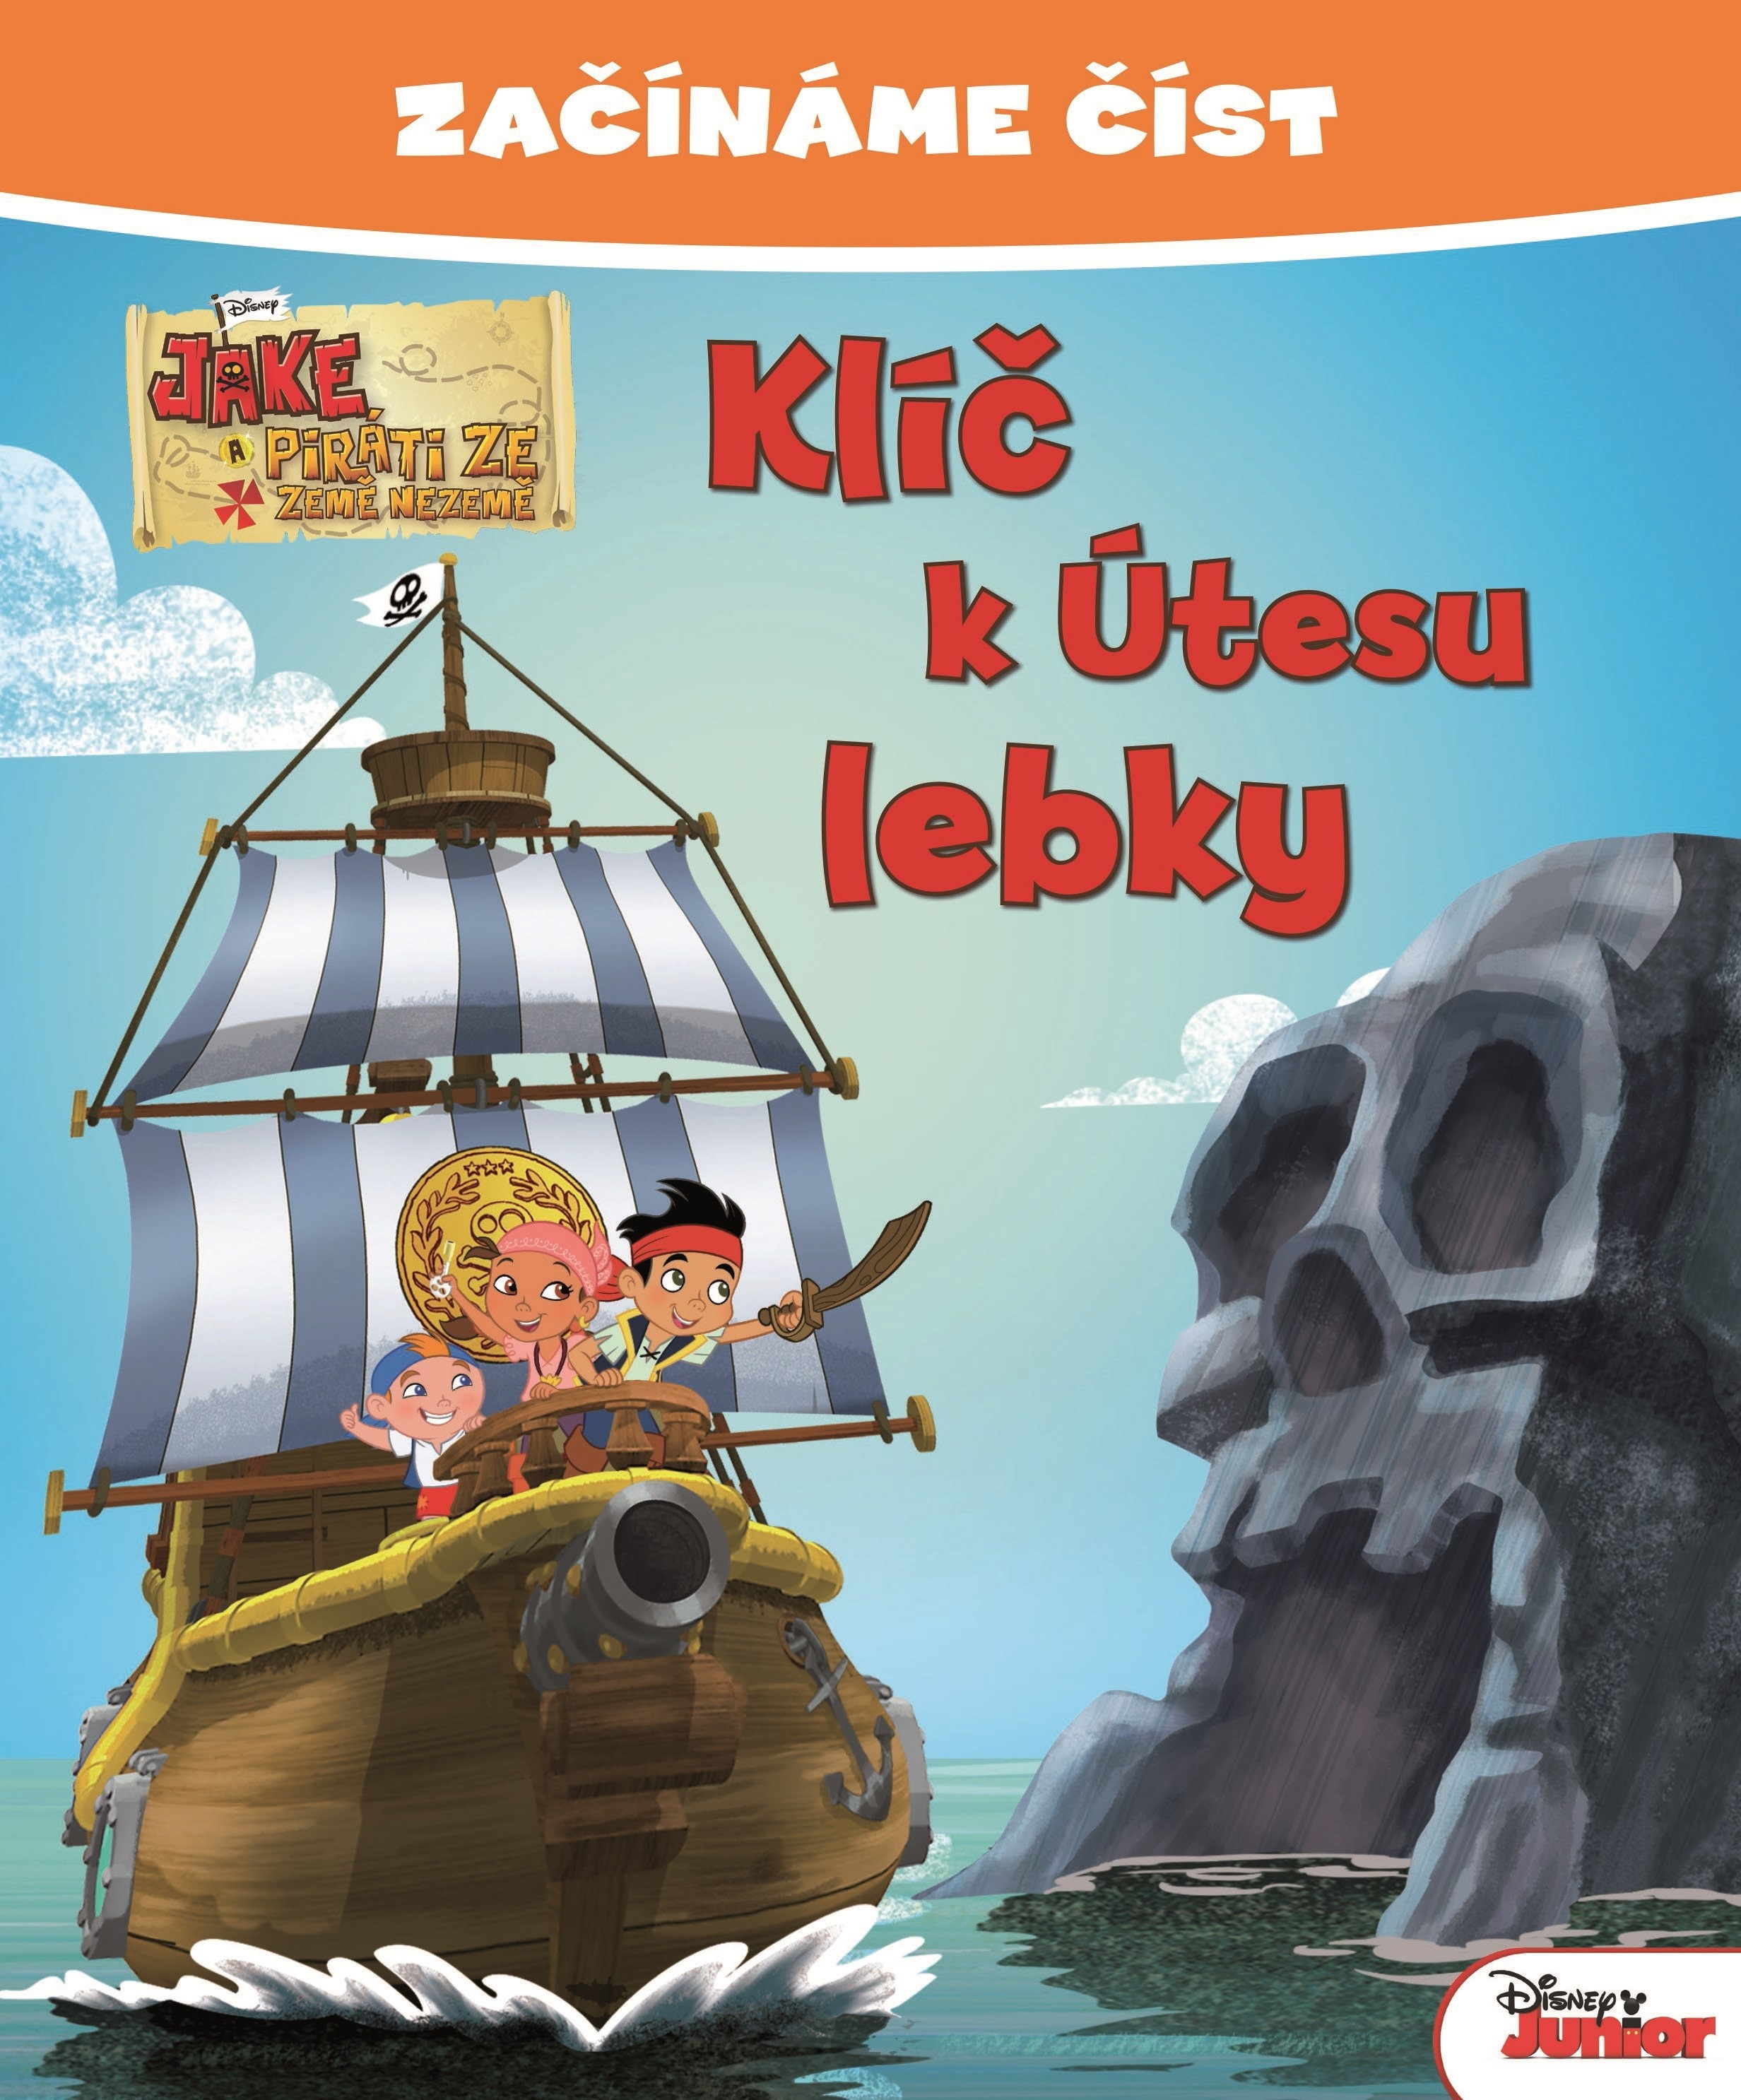 Začínáme číst - Jake a piráti ze Země Nezemě - Klíč k Útesu lebky | Walt Disney